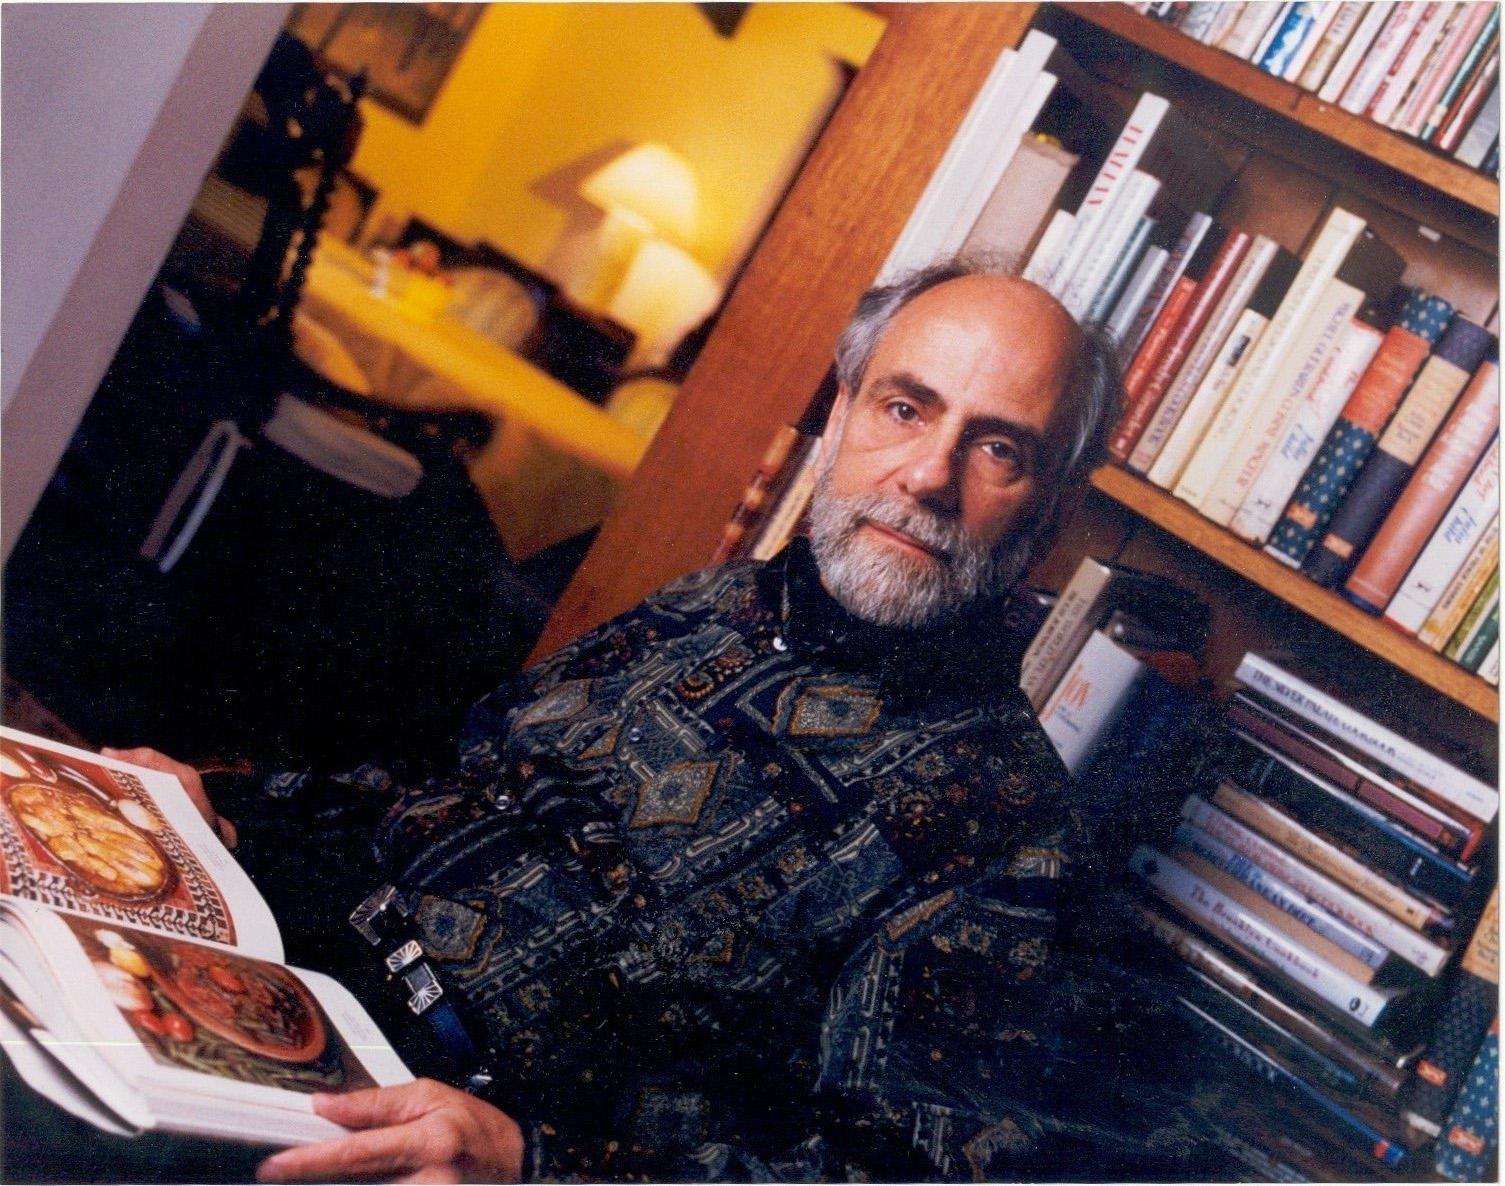 Dr. Paul Rozin